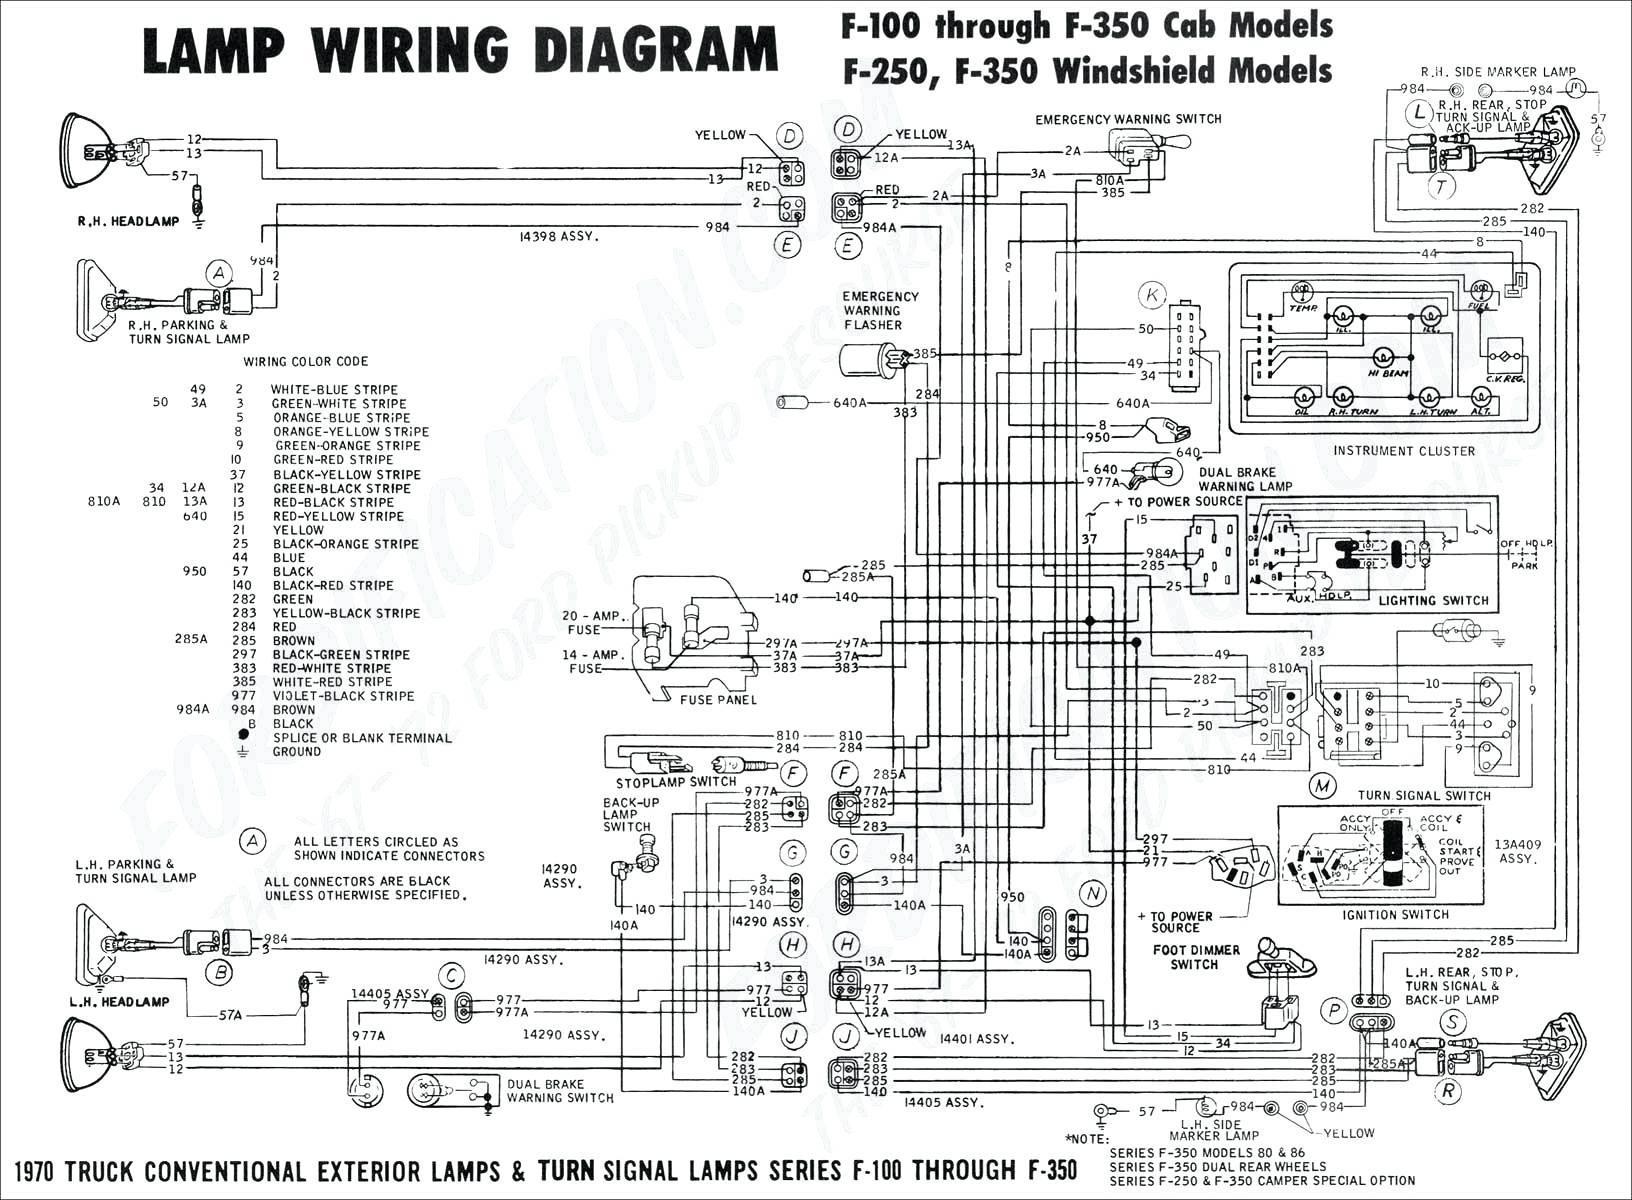 [DIAGRAM] Ge Gas Range Wiring Diagram Free Download FULL